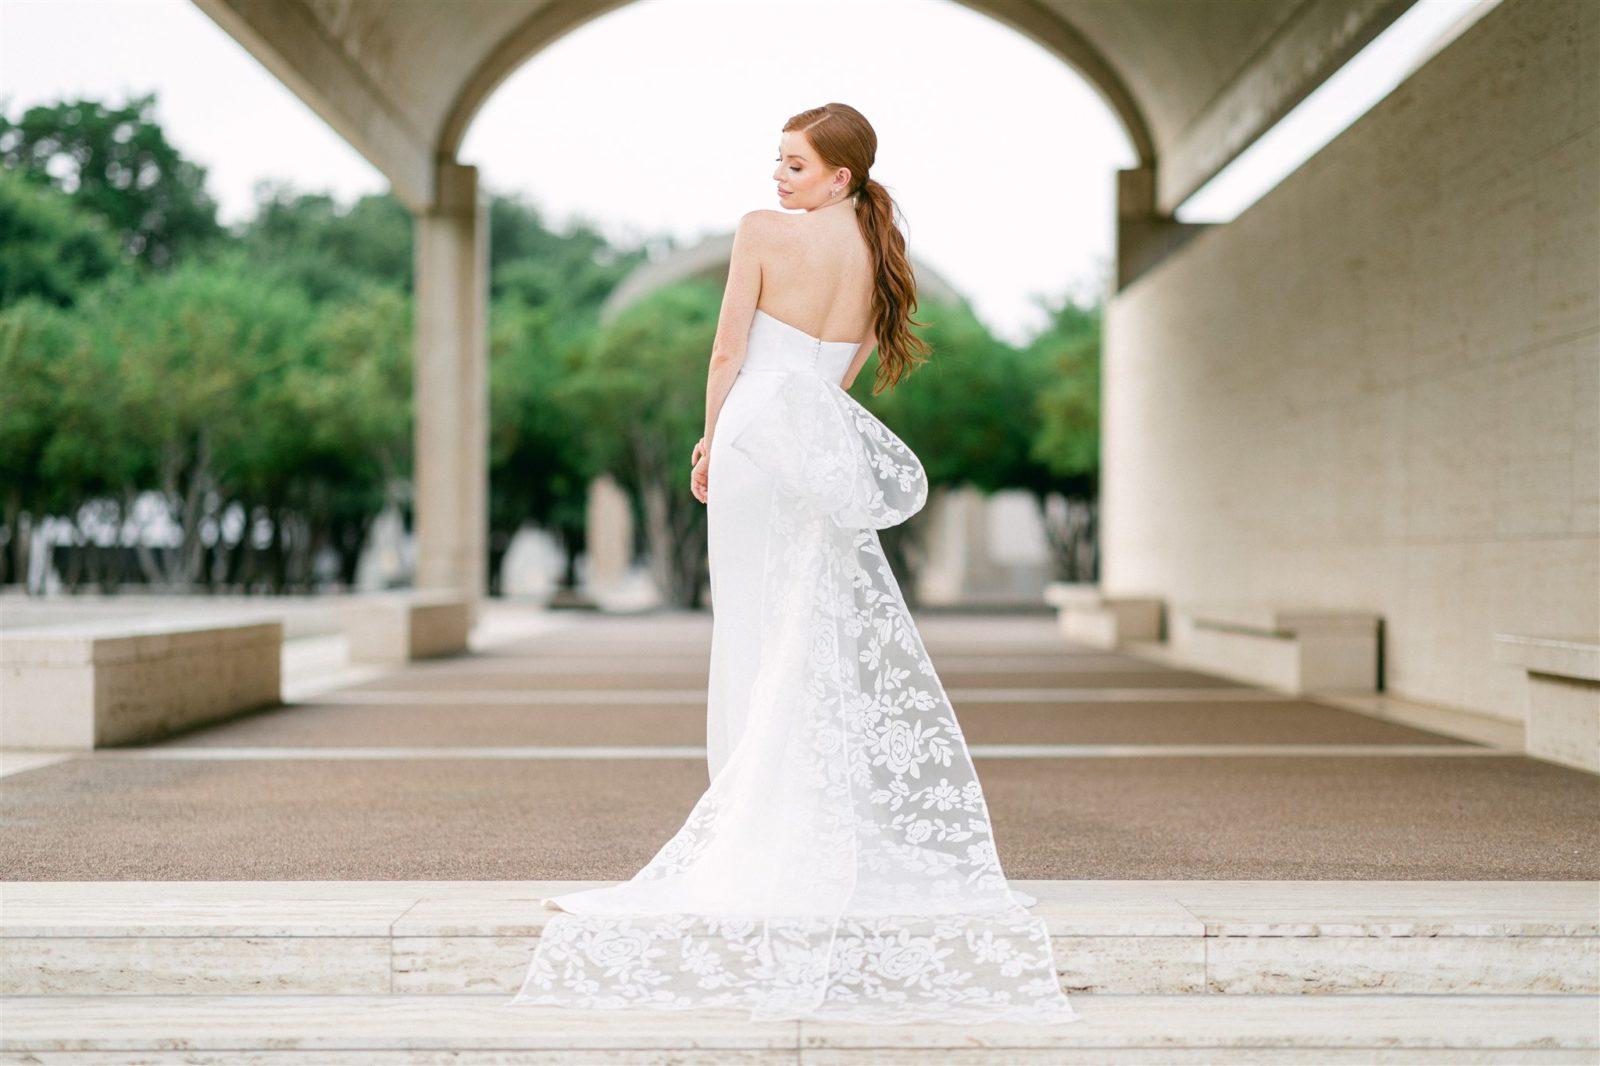 Sareh Nouri Bow Wedding Dress